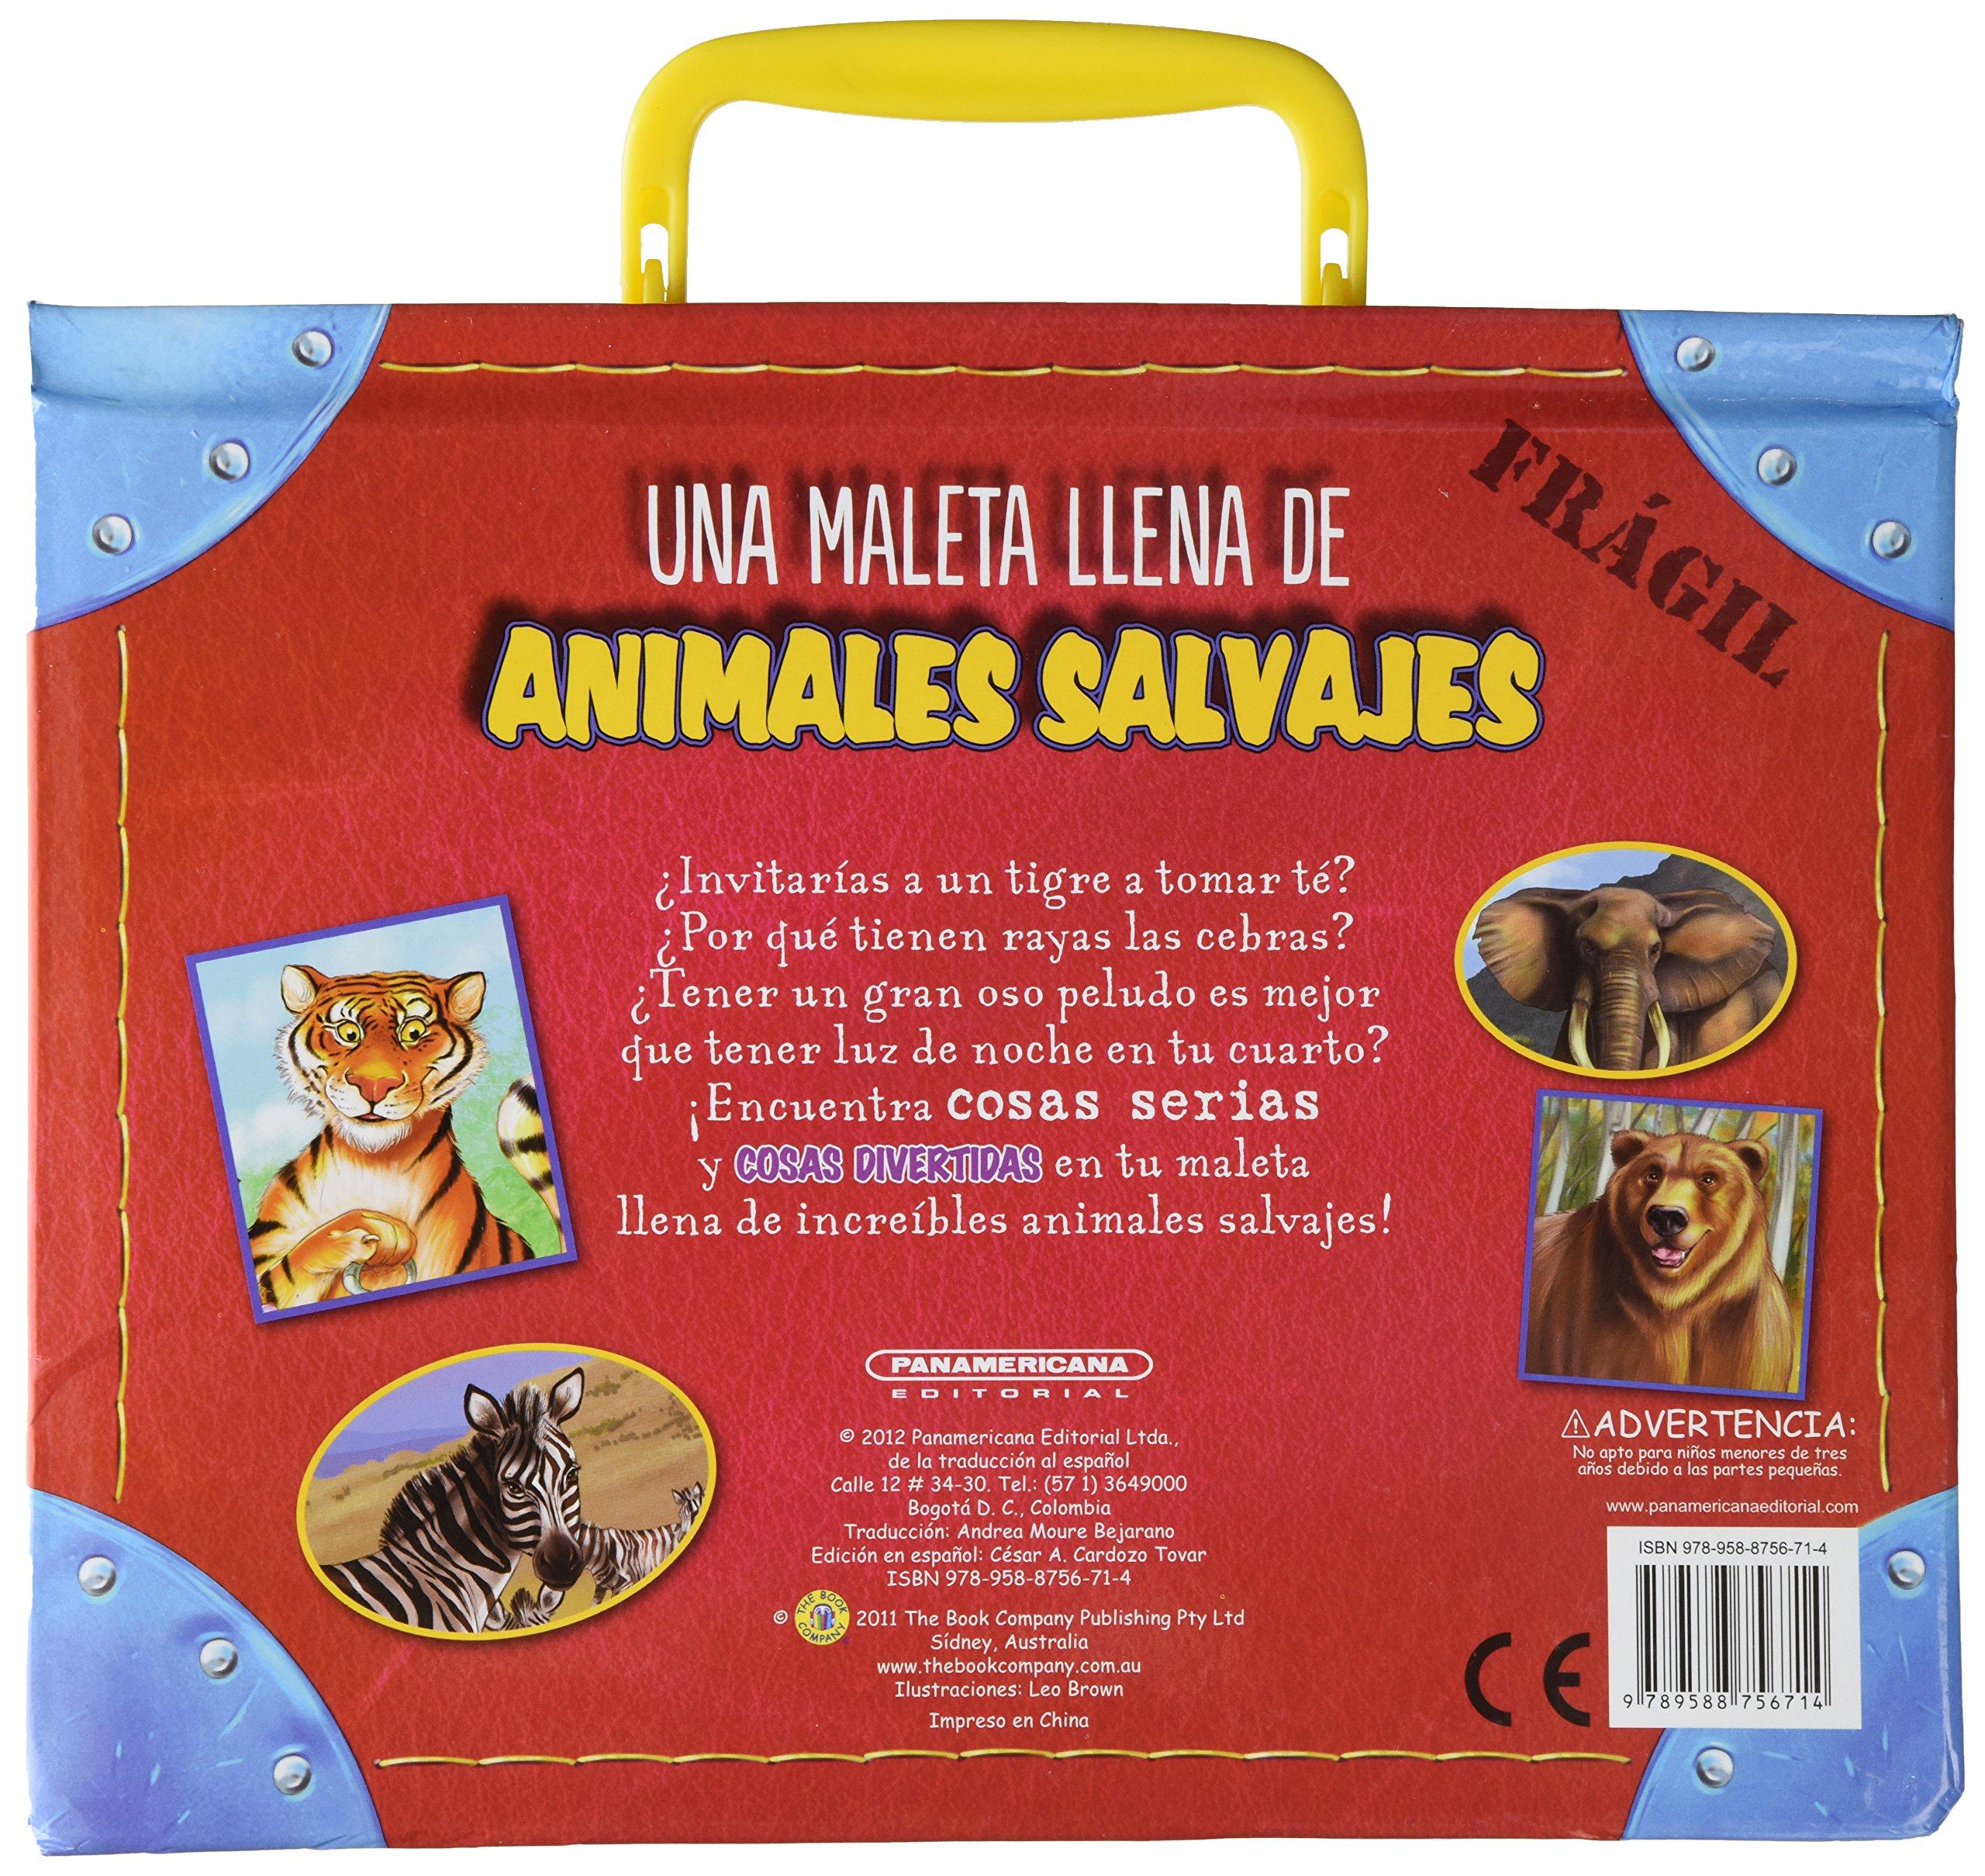 Una Maleta Llena De Animales Salvajes: Varios: 9789588756714: Amazon.com: Books